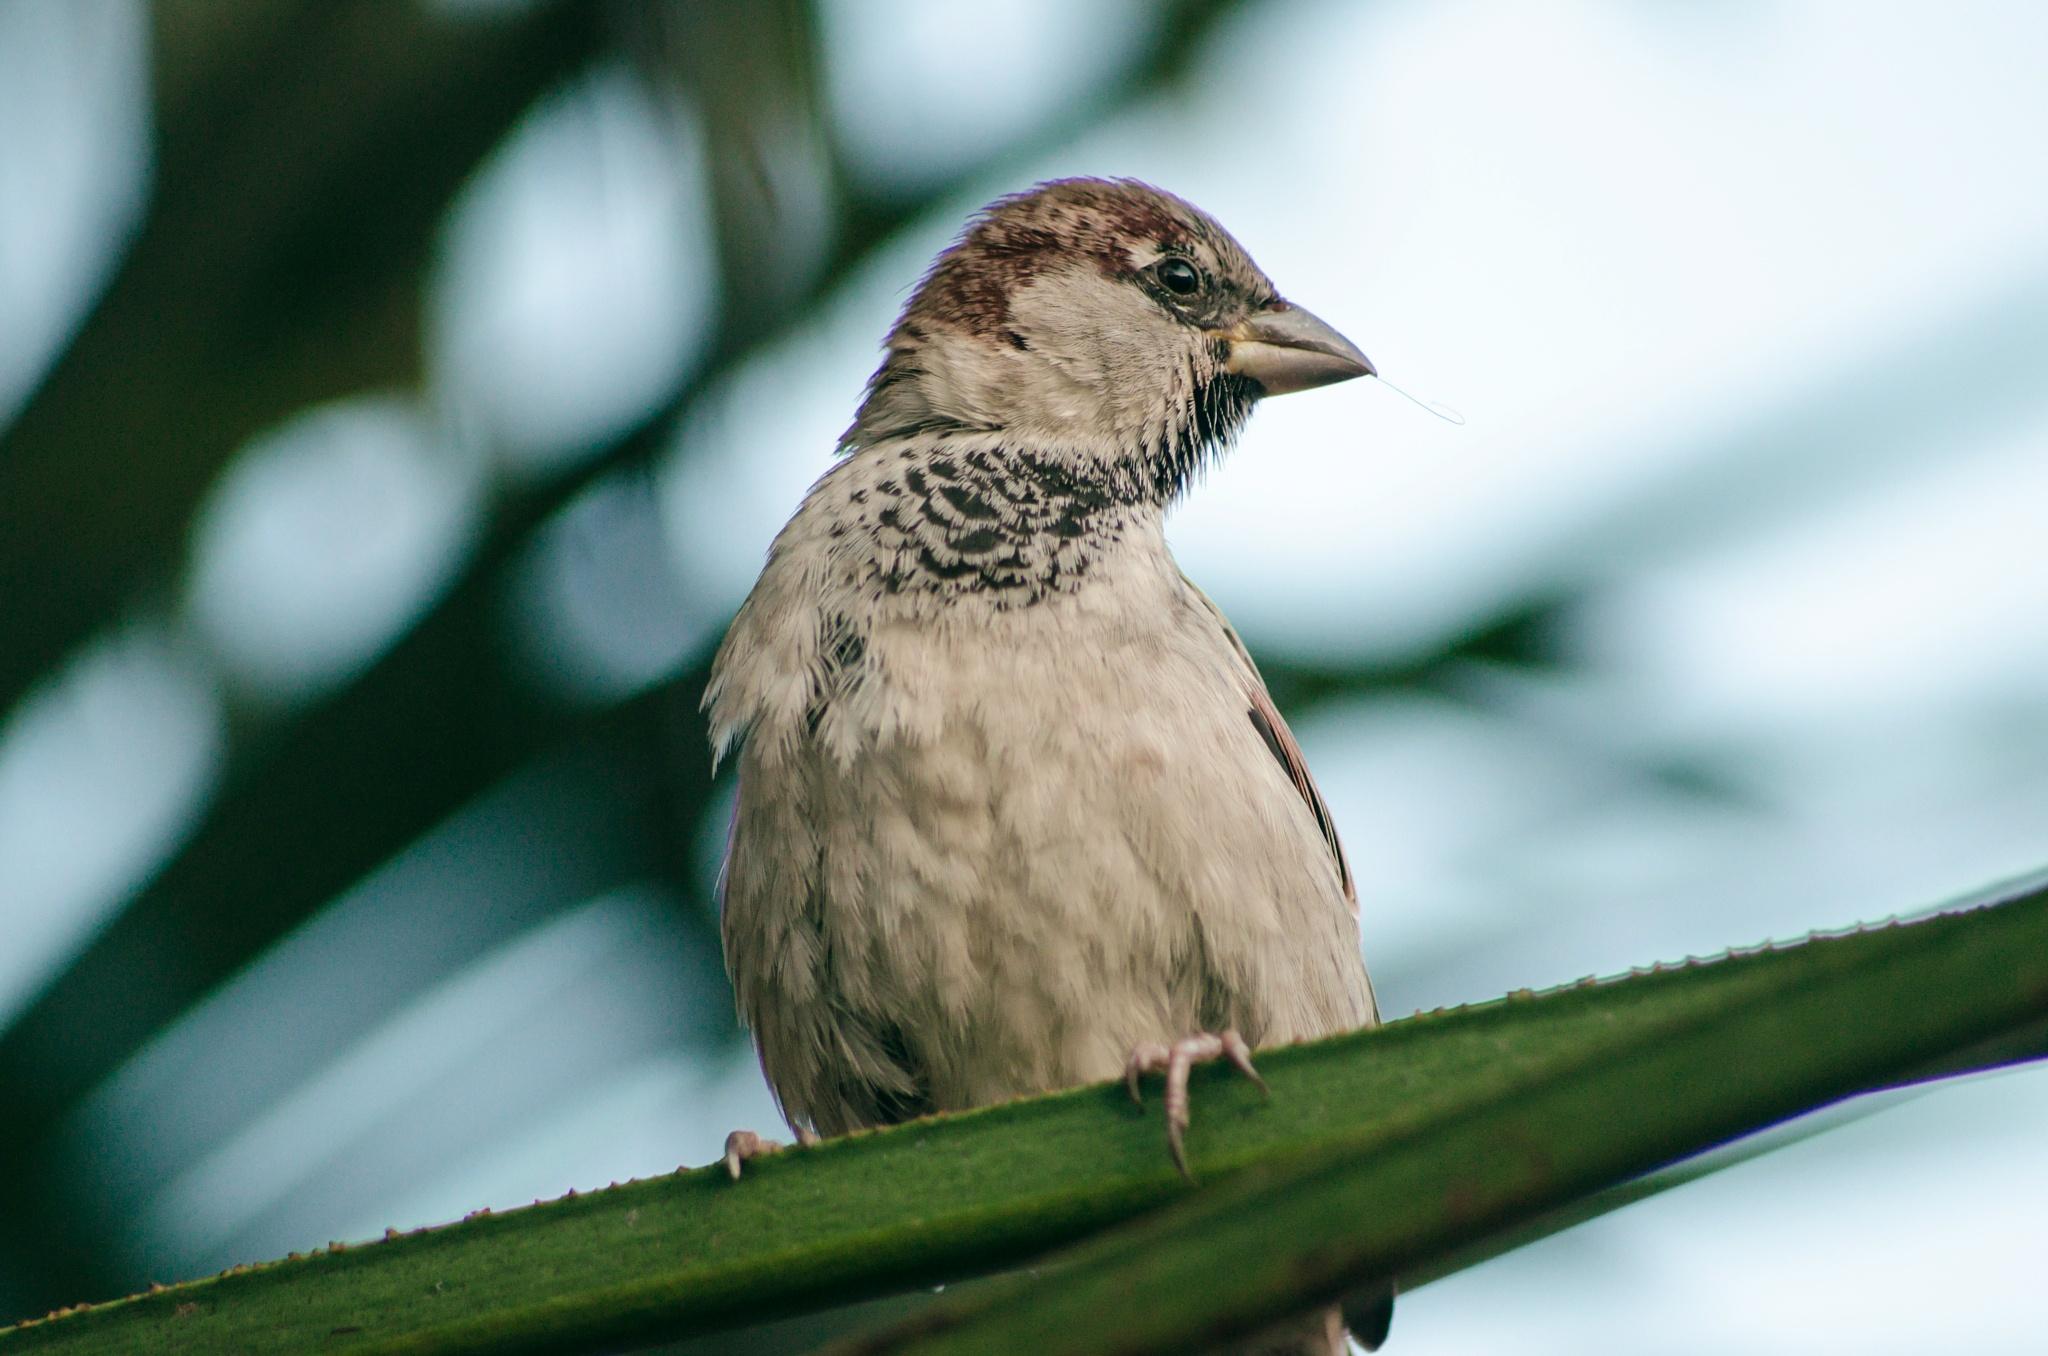 Birdy by Julija M.